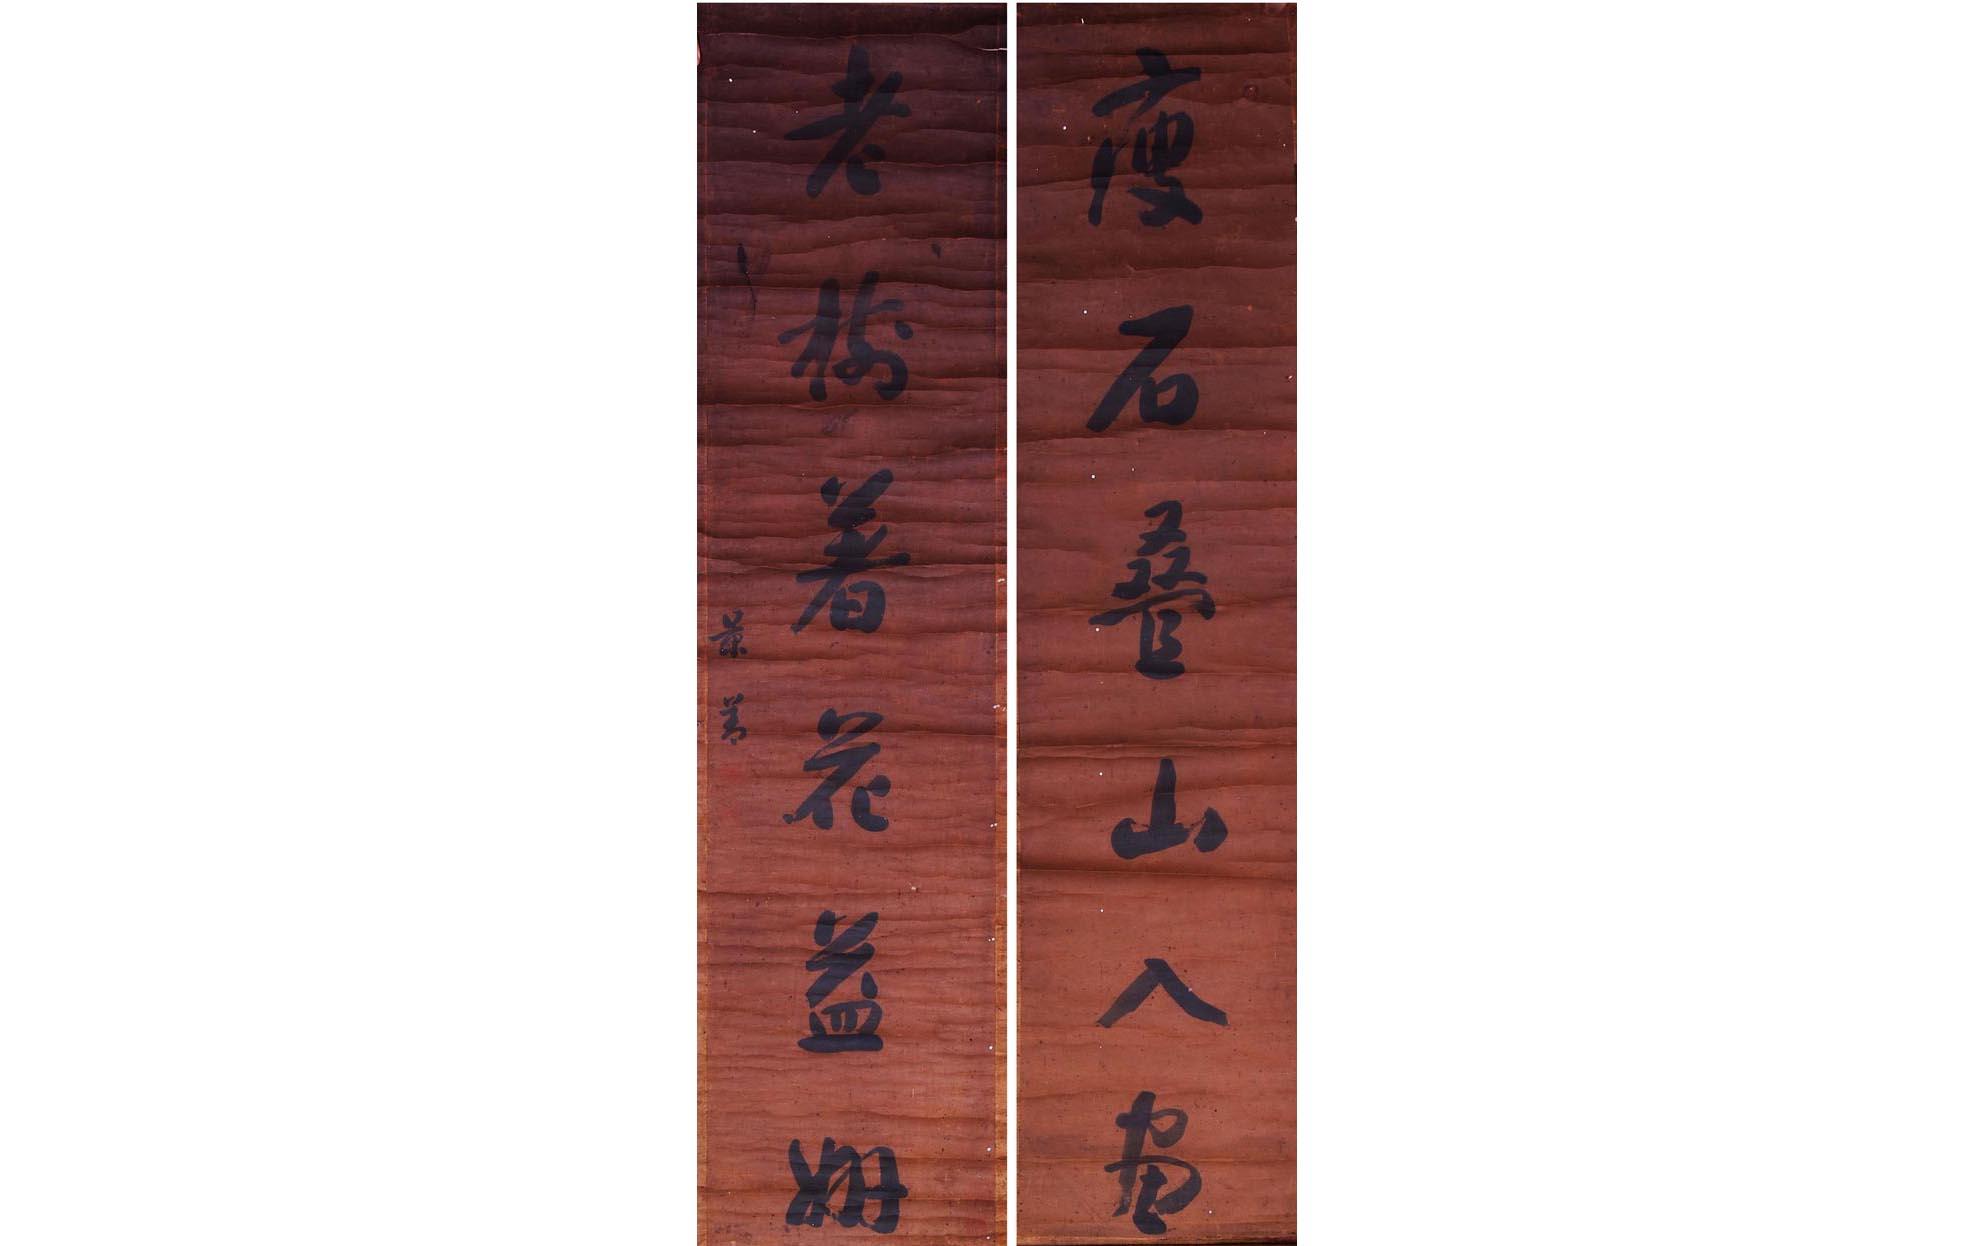 古朗月行书法作品 古朗月行书法 古朗月行硬笔书法